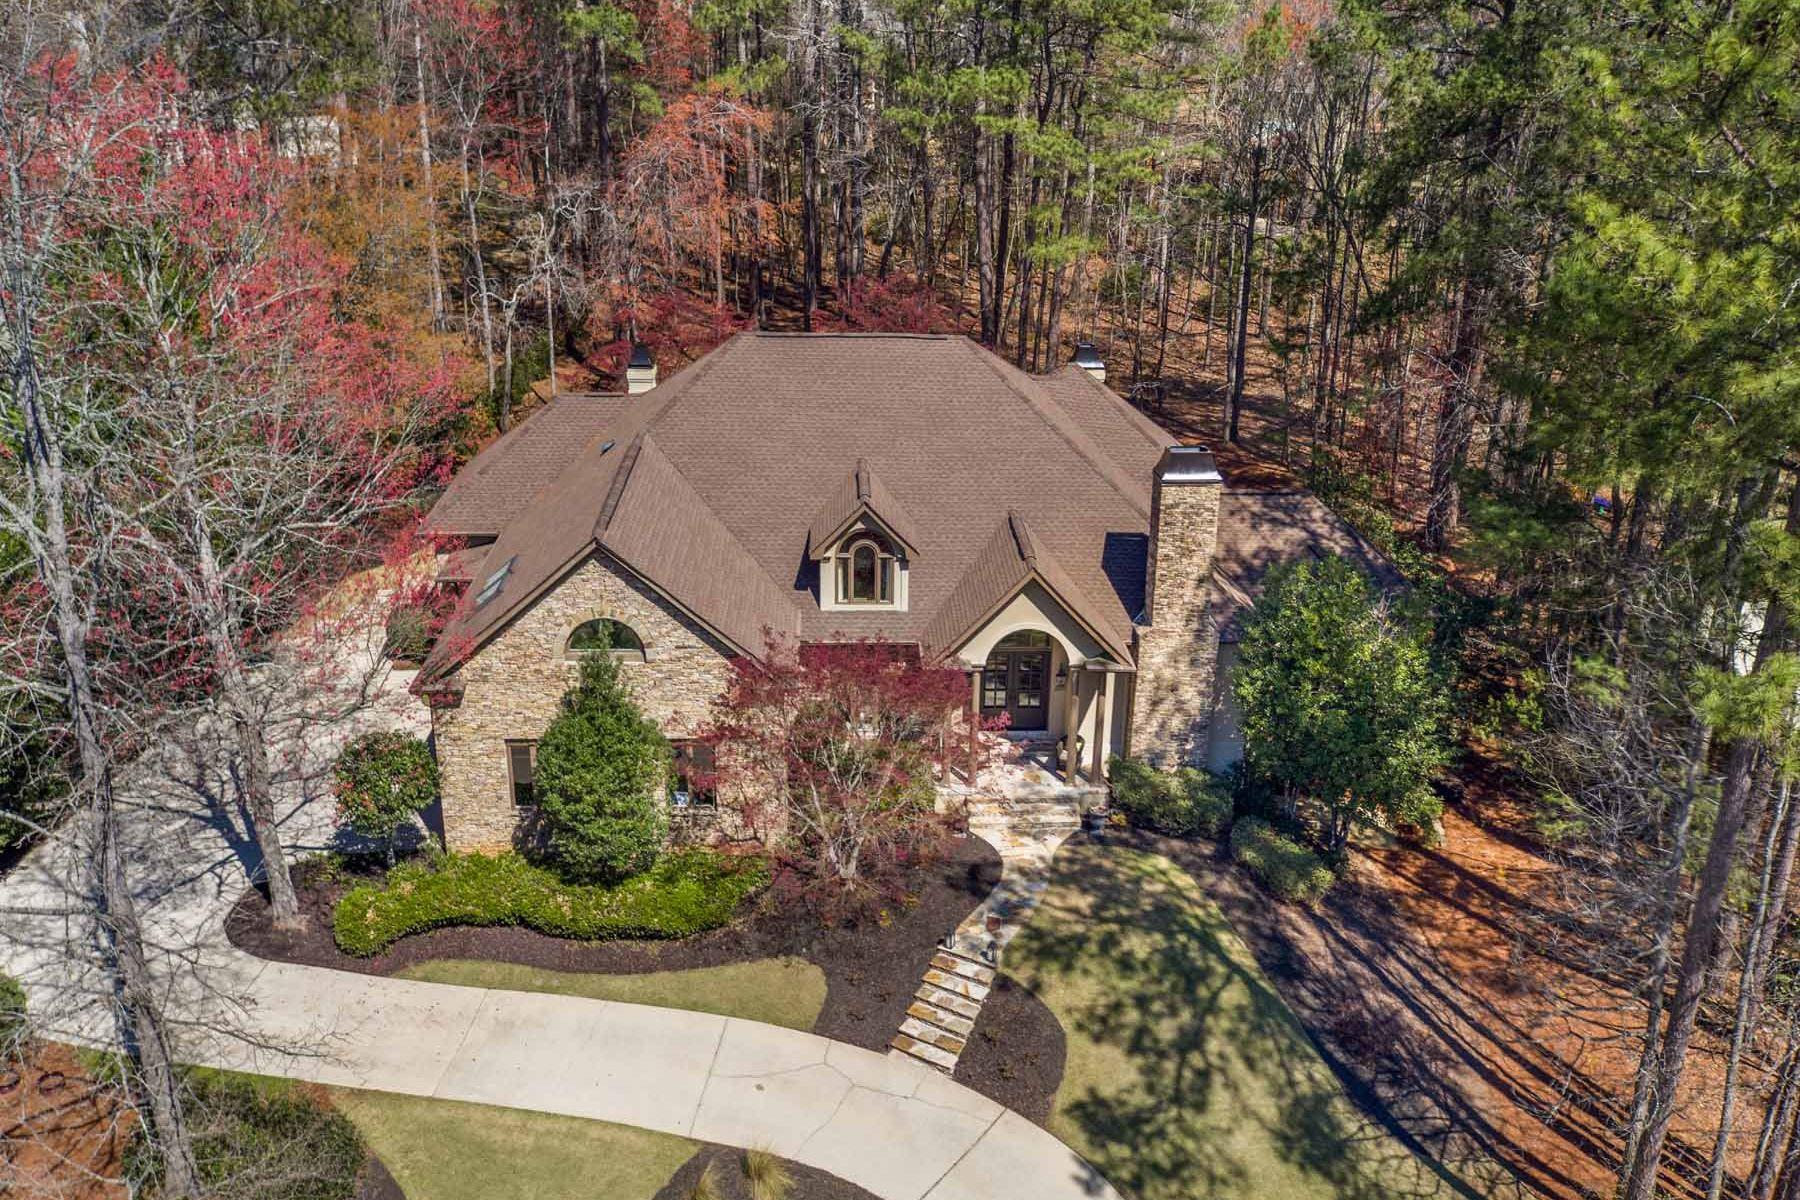 独户住宅 为 销售 在 Country Club Of The South 820 Malvern Hill 阿法乐特, 乔治亚州, 30022 美国